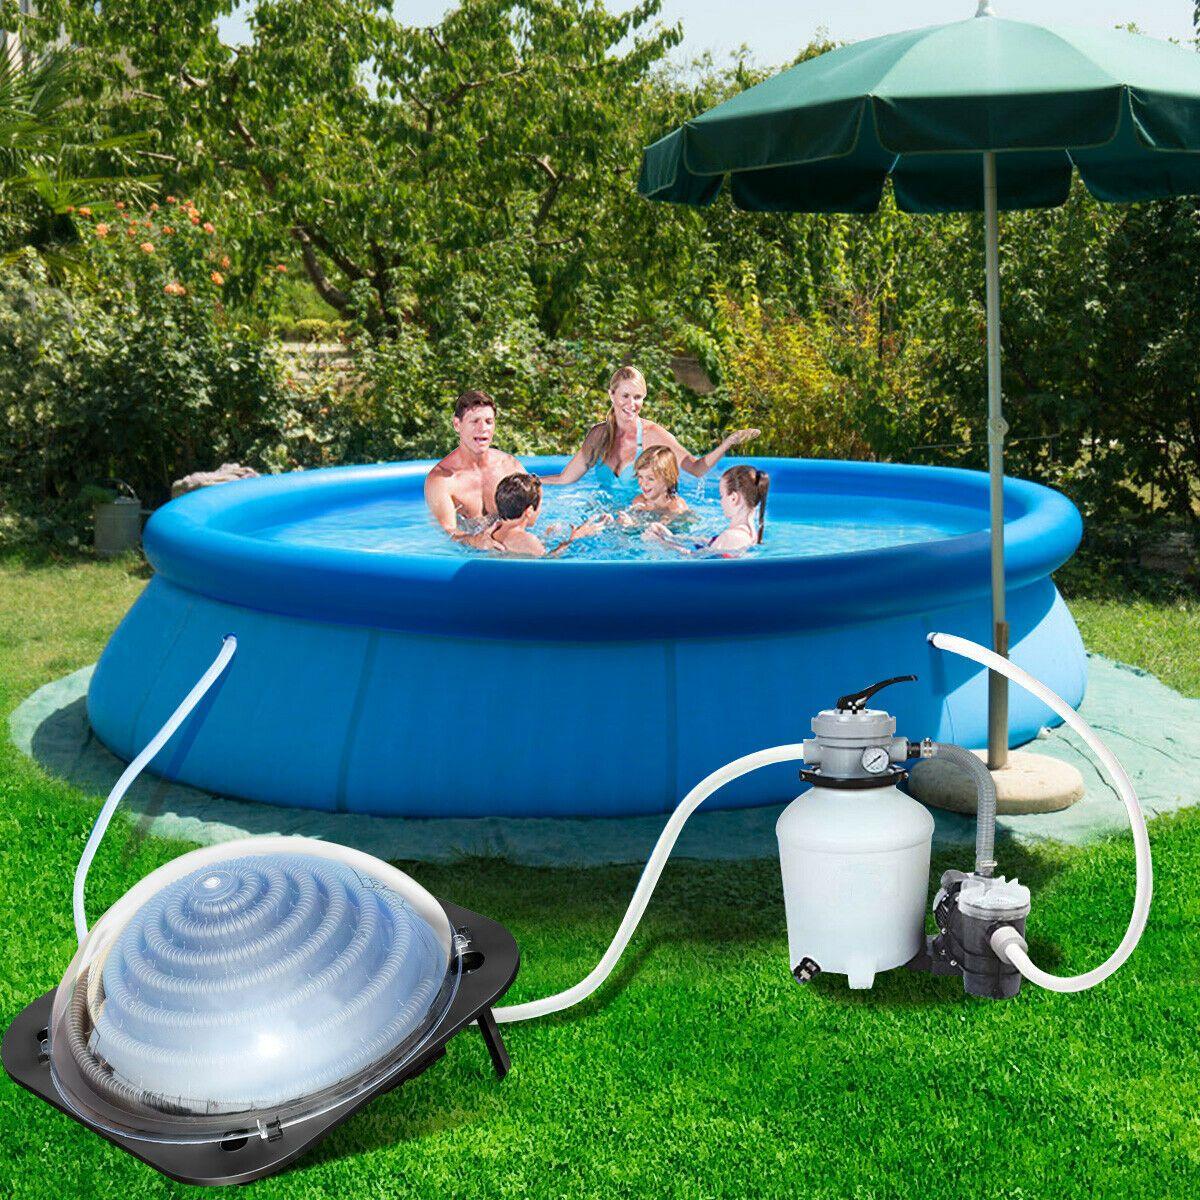 Solar Water Heater Inground Above Ground Swimming Pool Water Heater Black Pools Swimming Pools Solar Pool Heater Cool Swimming Pools